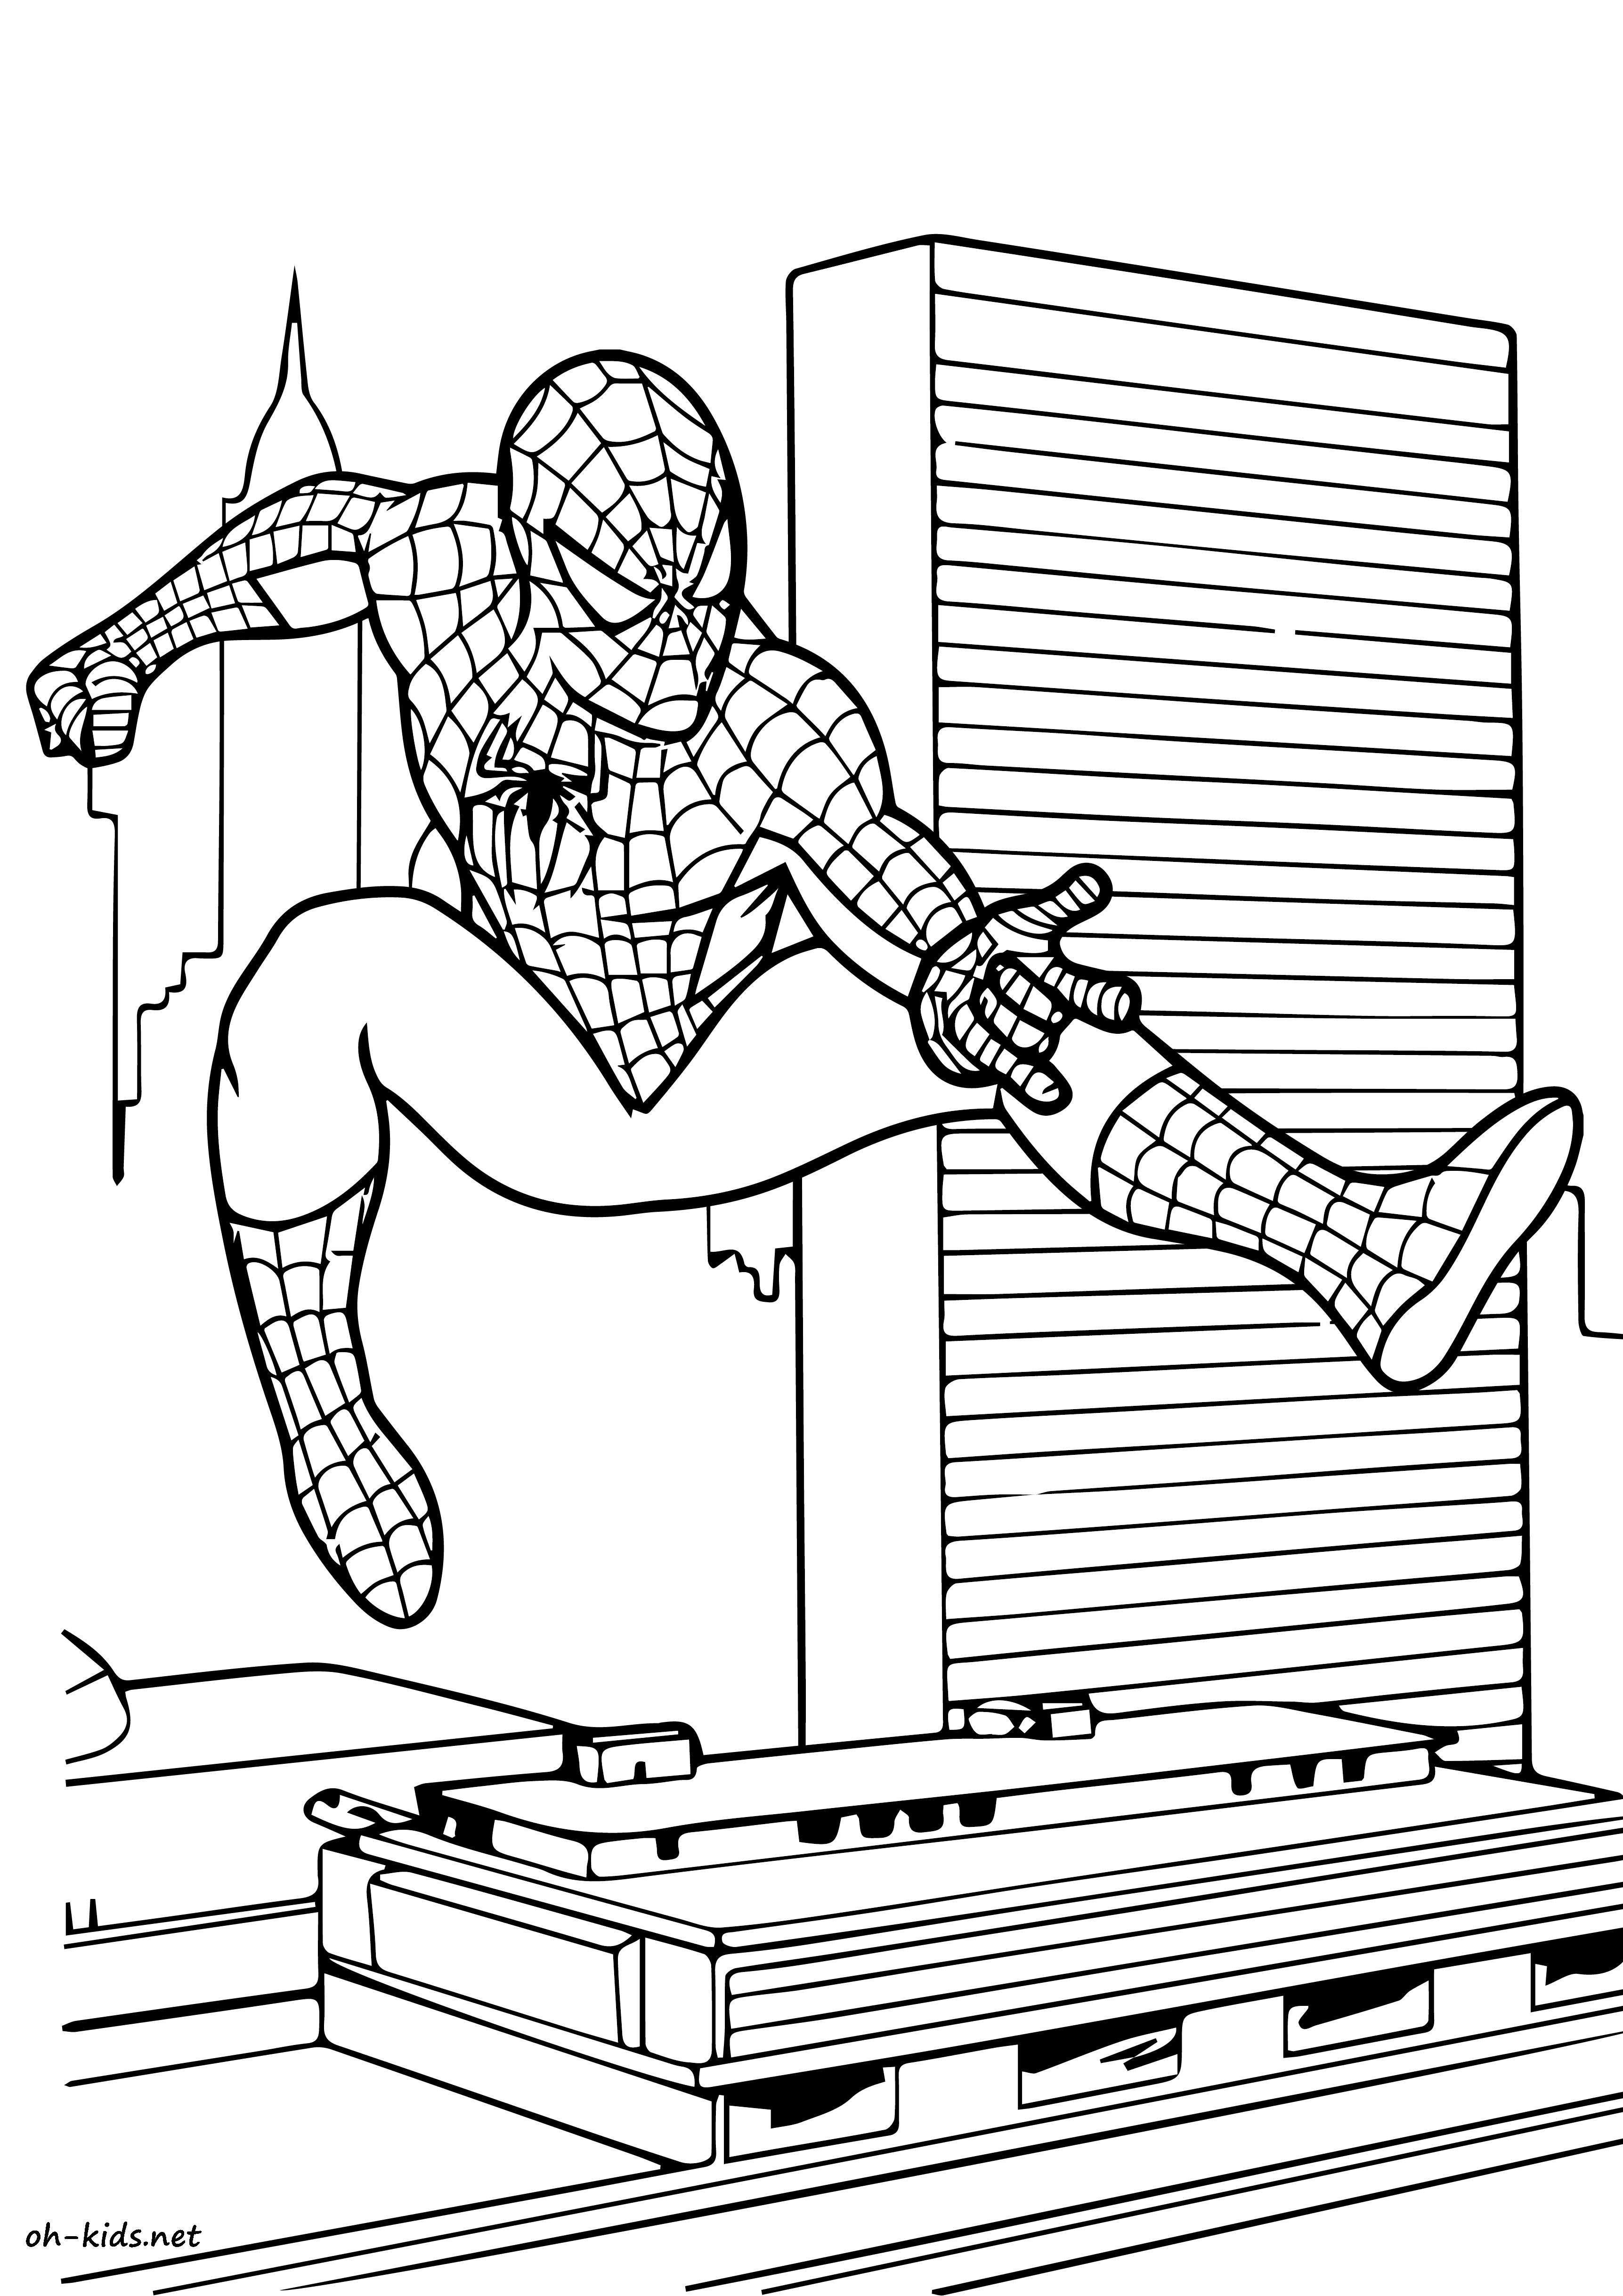 Dessin #834 - Coloriage Spiderman à imprimer - Oh-Kids.net